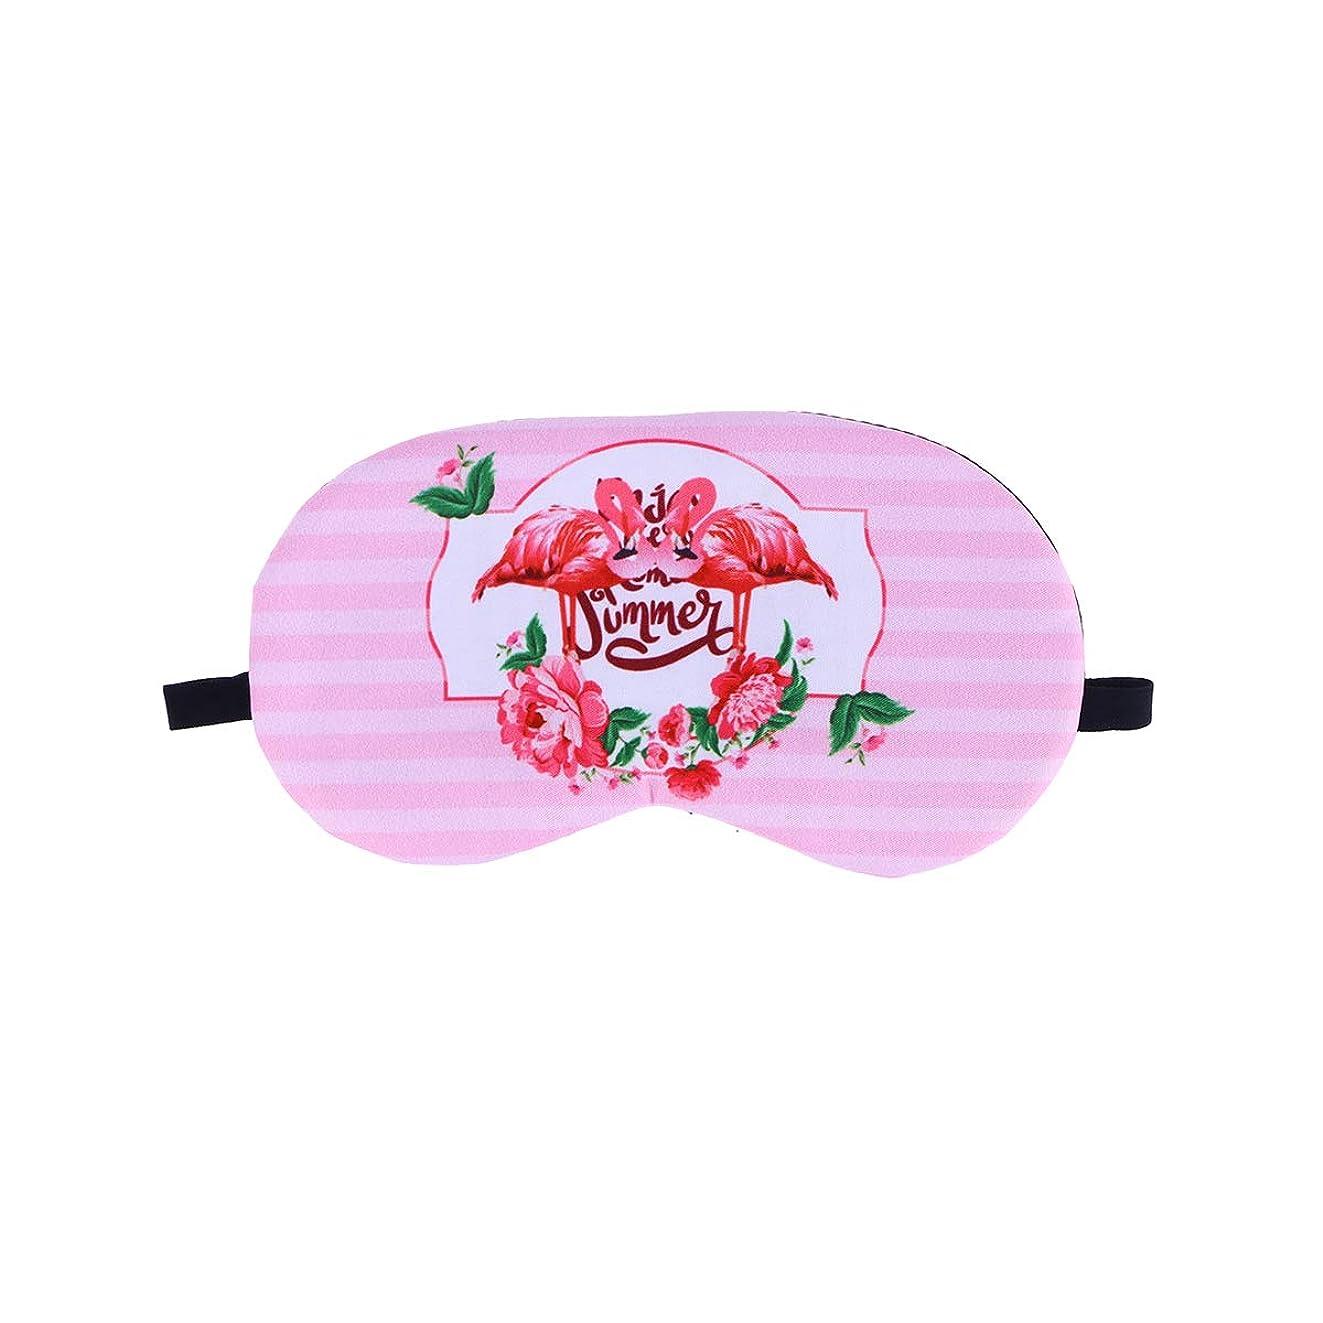 生きている衣装思慮深いSUPVOX フラミンゴアイマスク動物睡眠トラベリング目隠しアイカバー(ピンク)